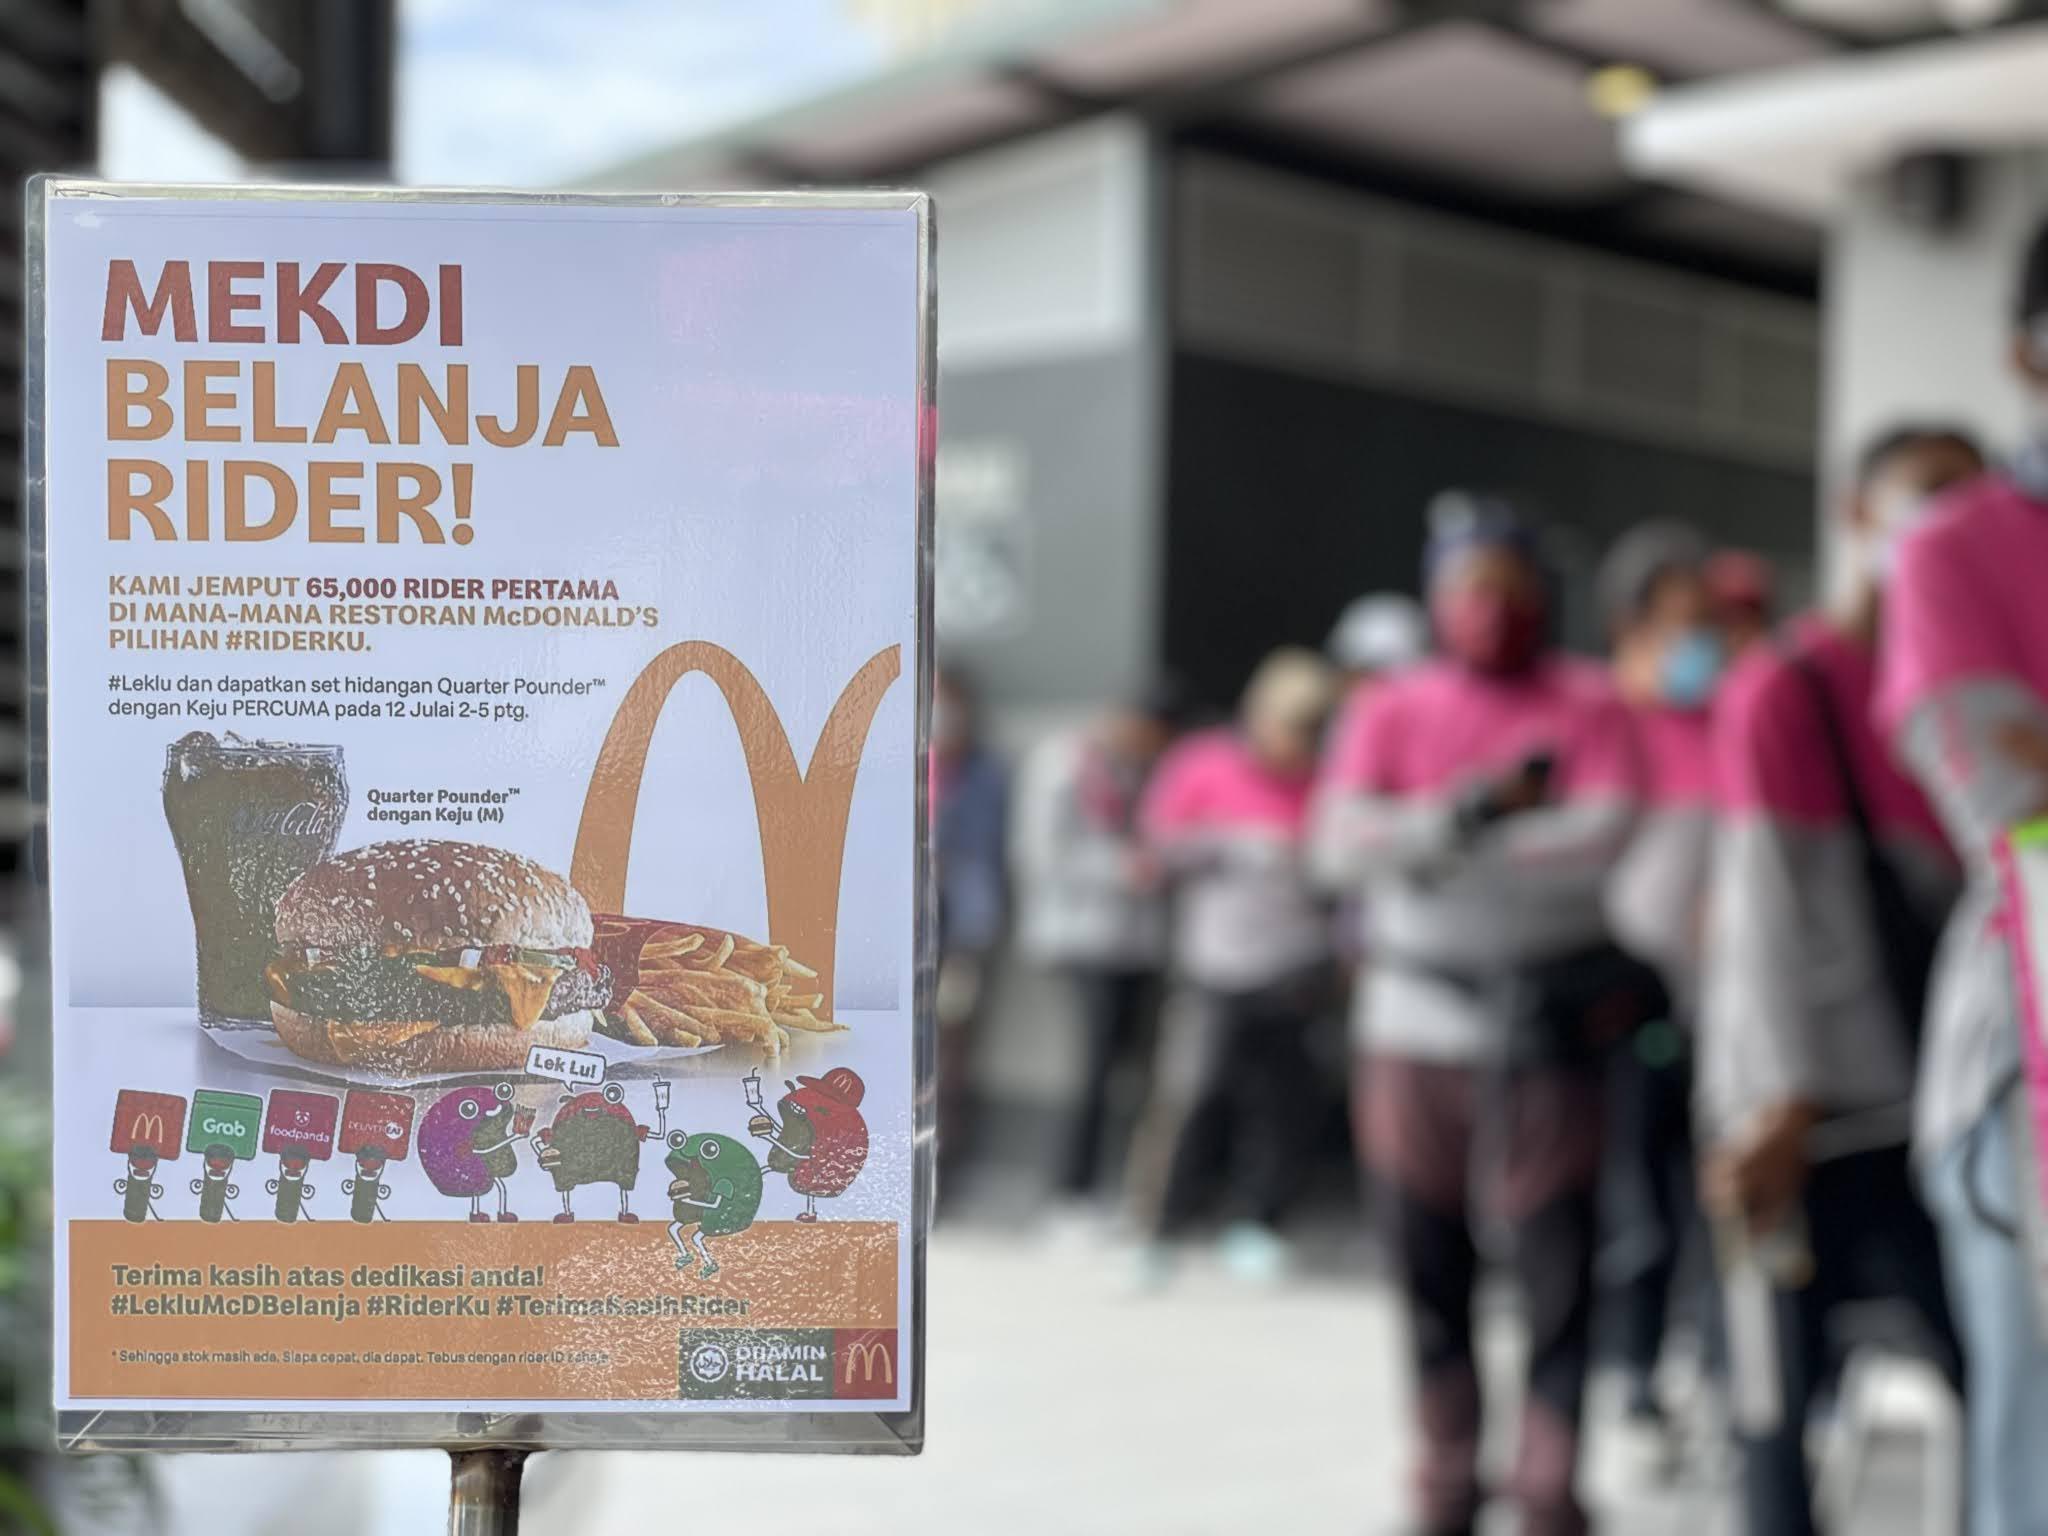 McDonald's Malaysia Belanja Penghantar Makanan Melalui Kempen #LekLuMcDBelanja